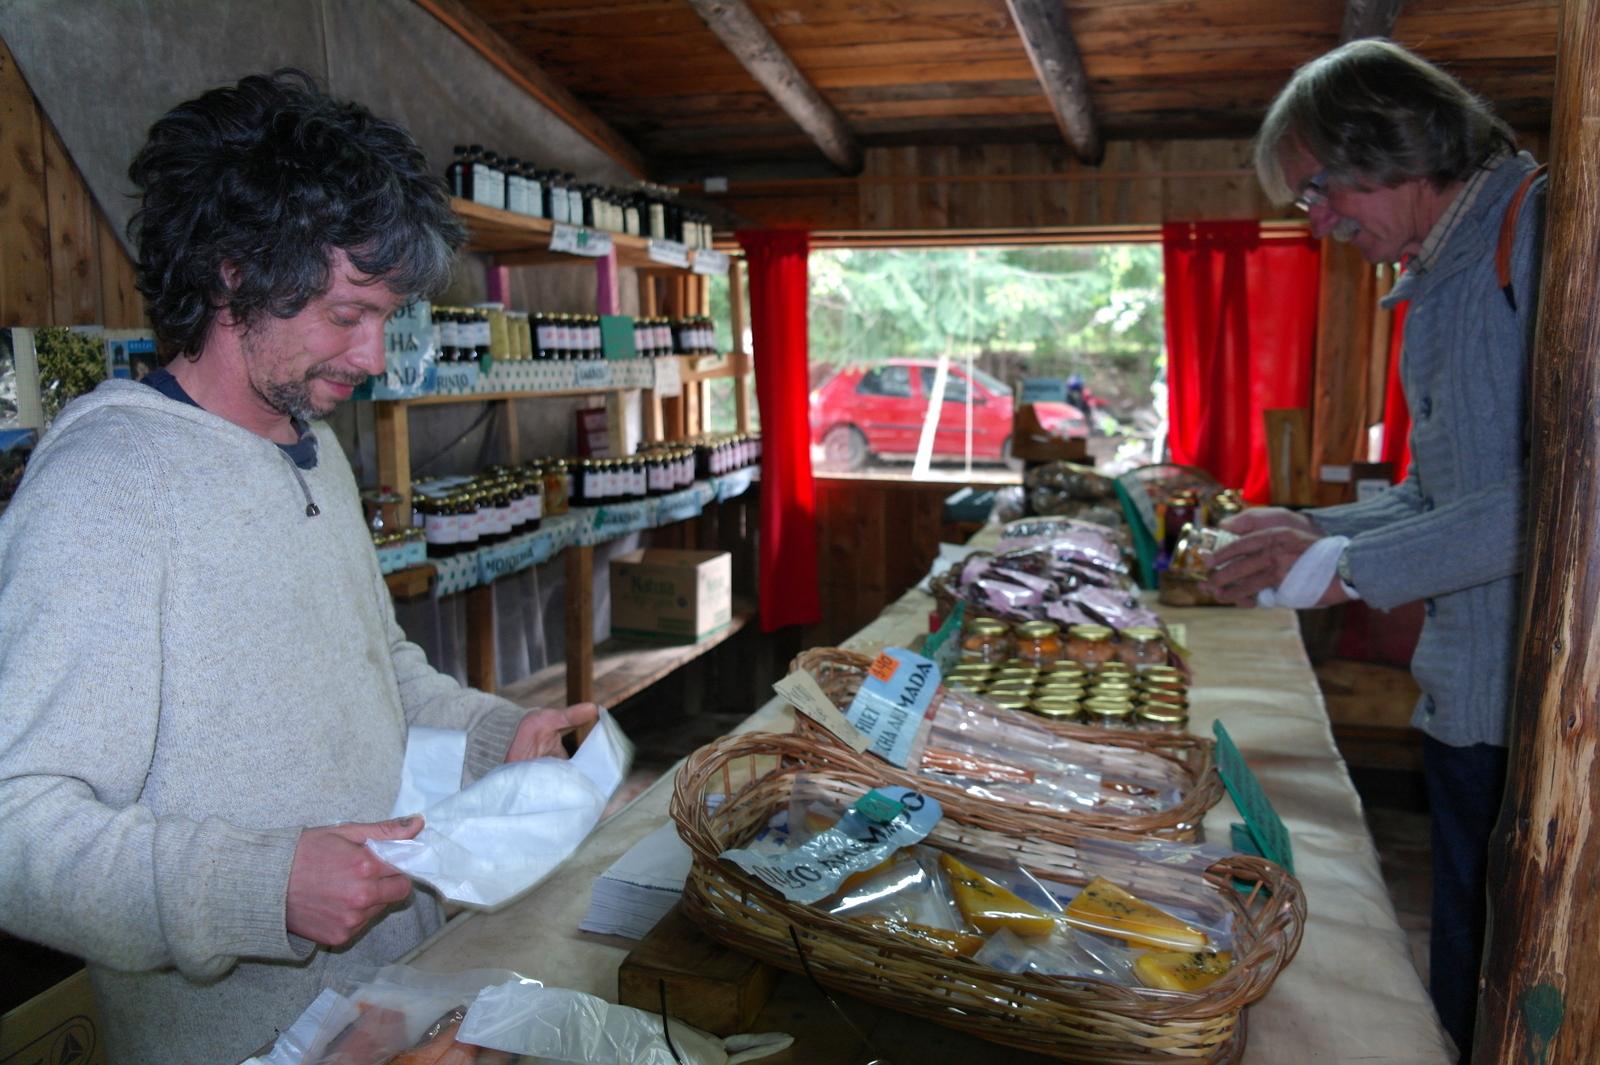 14 bij de plaatselijke zalmkwekerij maken we een stop, kopen er zalm en zelfgemaakte jam